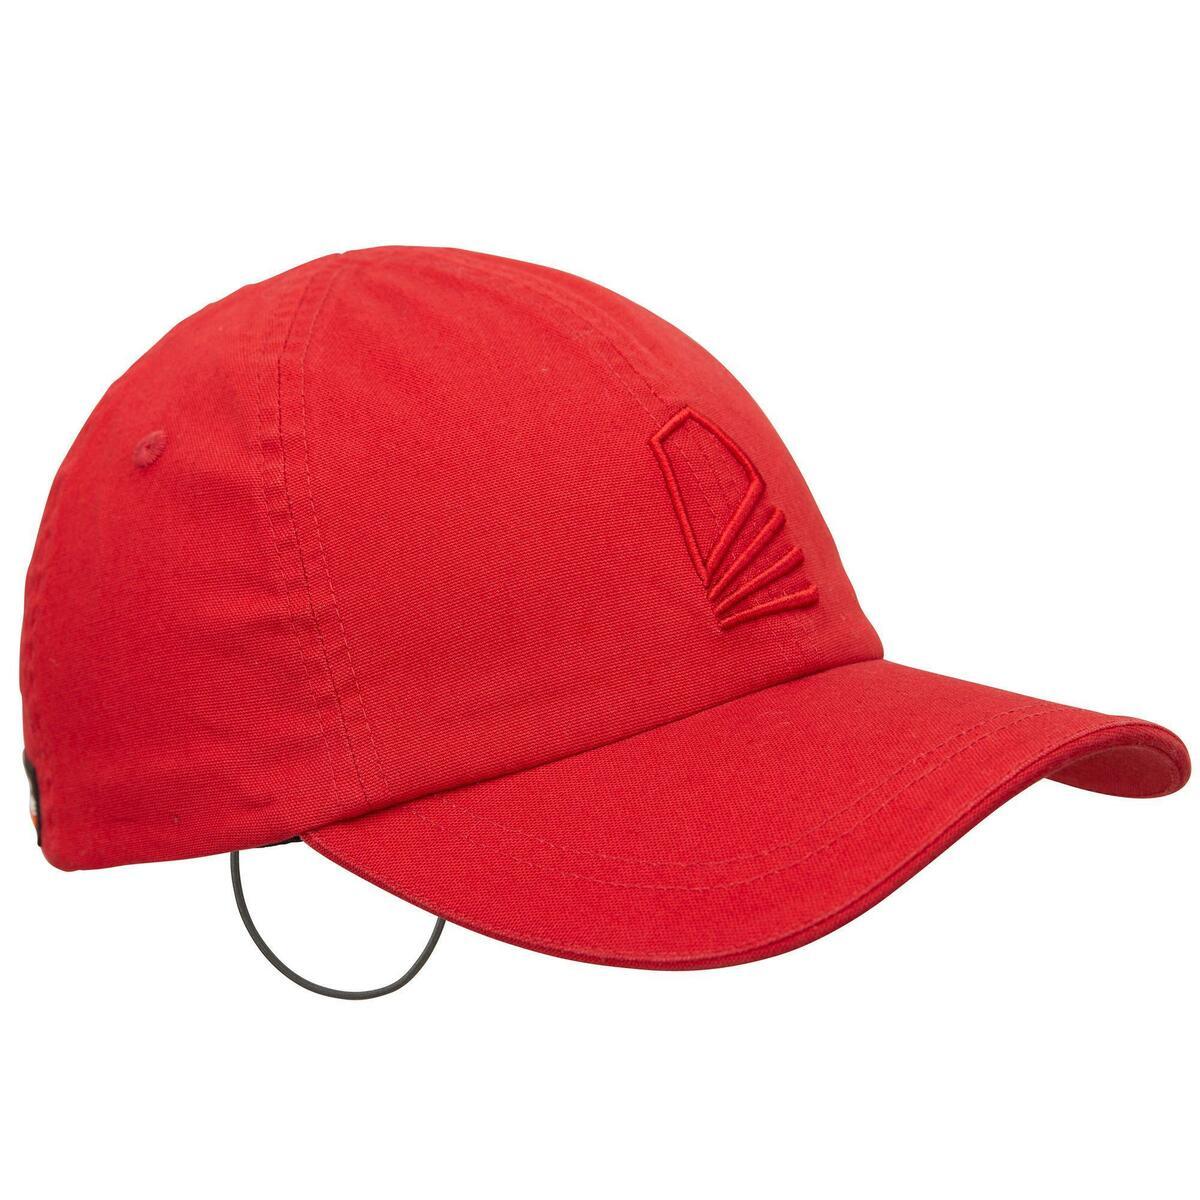 Bild 1 von Segelcap Sailing 100 Erwachsene rot